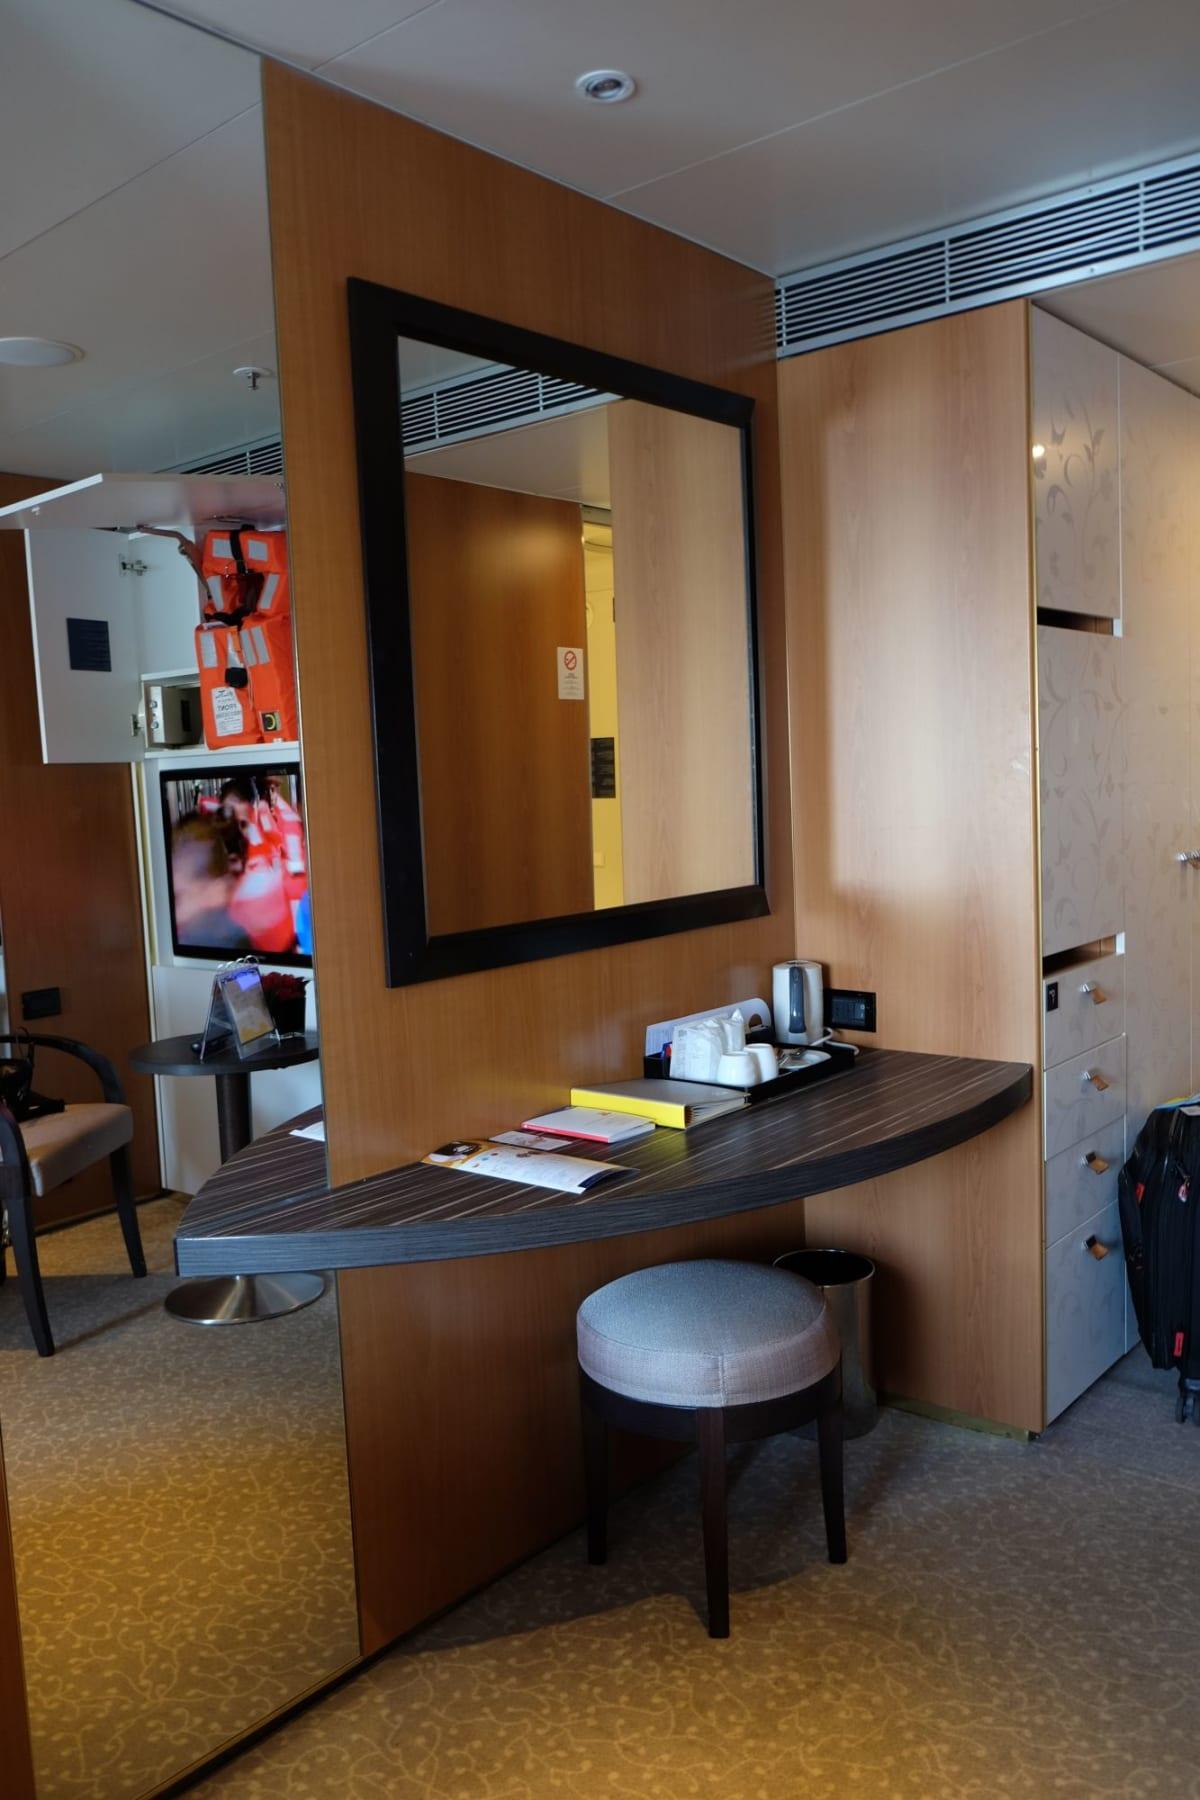 キャビンの広々さが伝わるでしょうか。大きな鏡もあって快適です。   客船コスタ・ネオロマンチカの客室